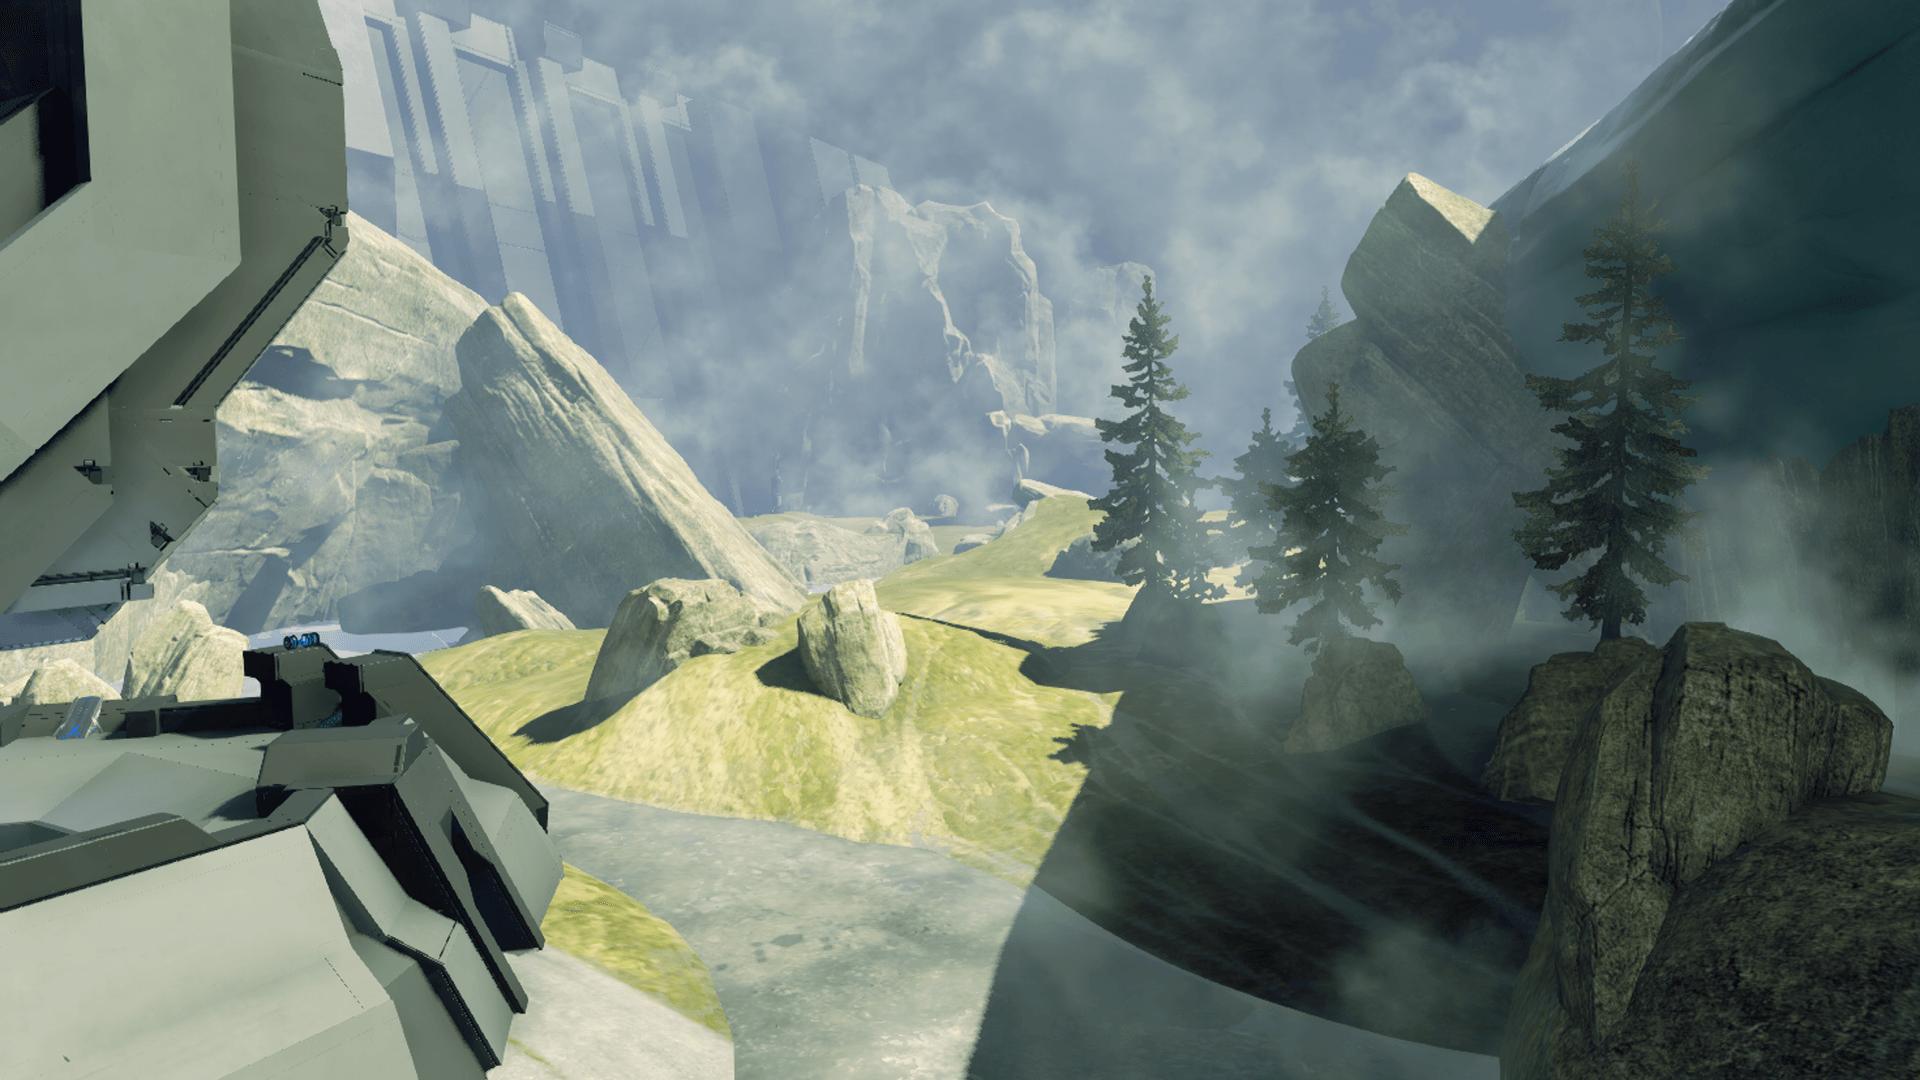 Halo 5 Forge kart i matchmaking